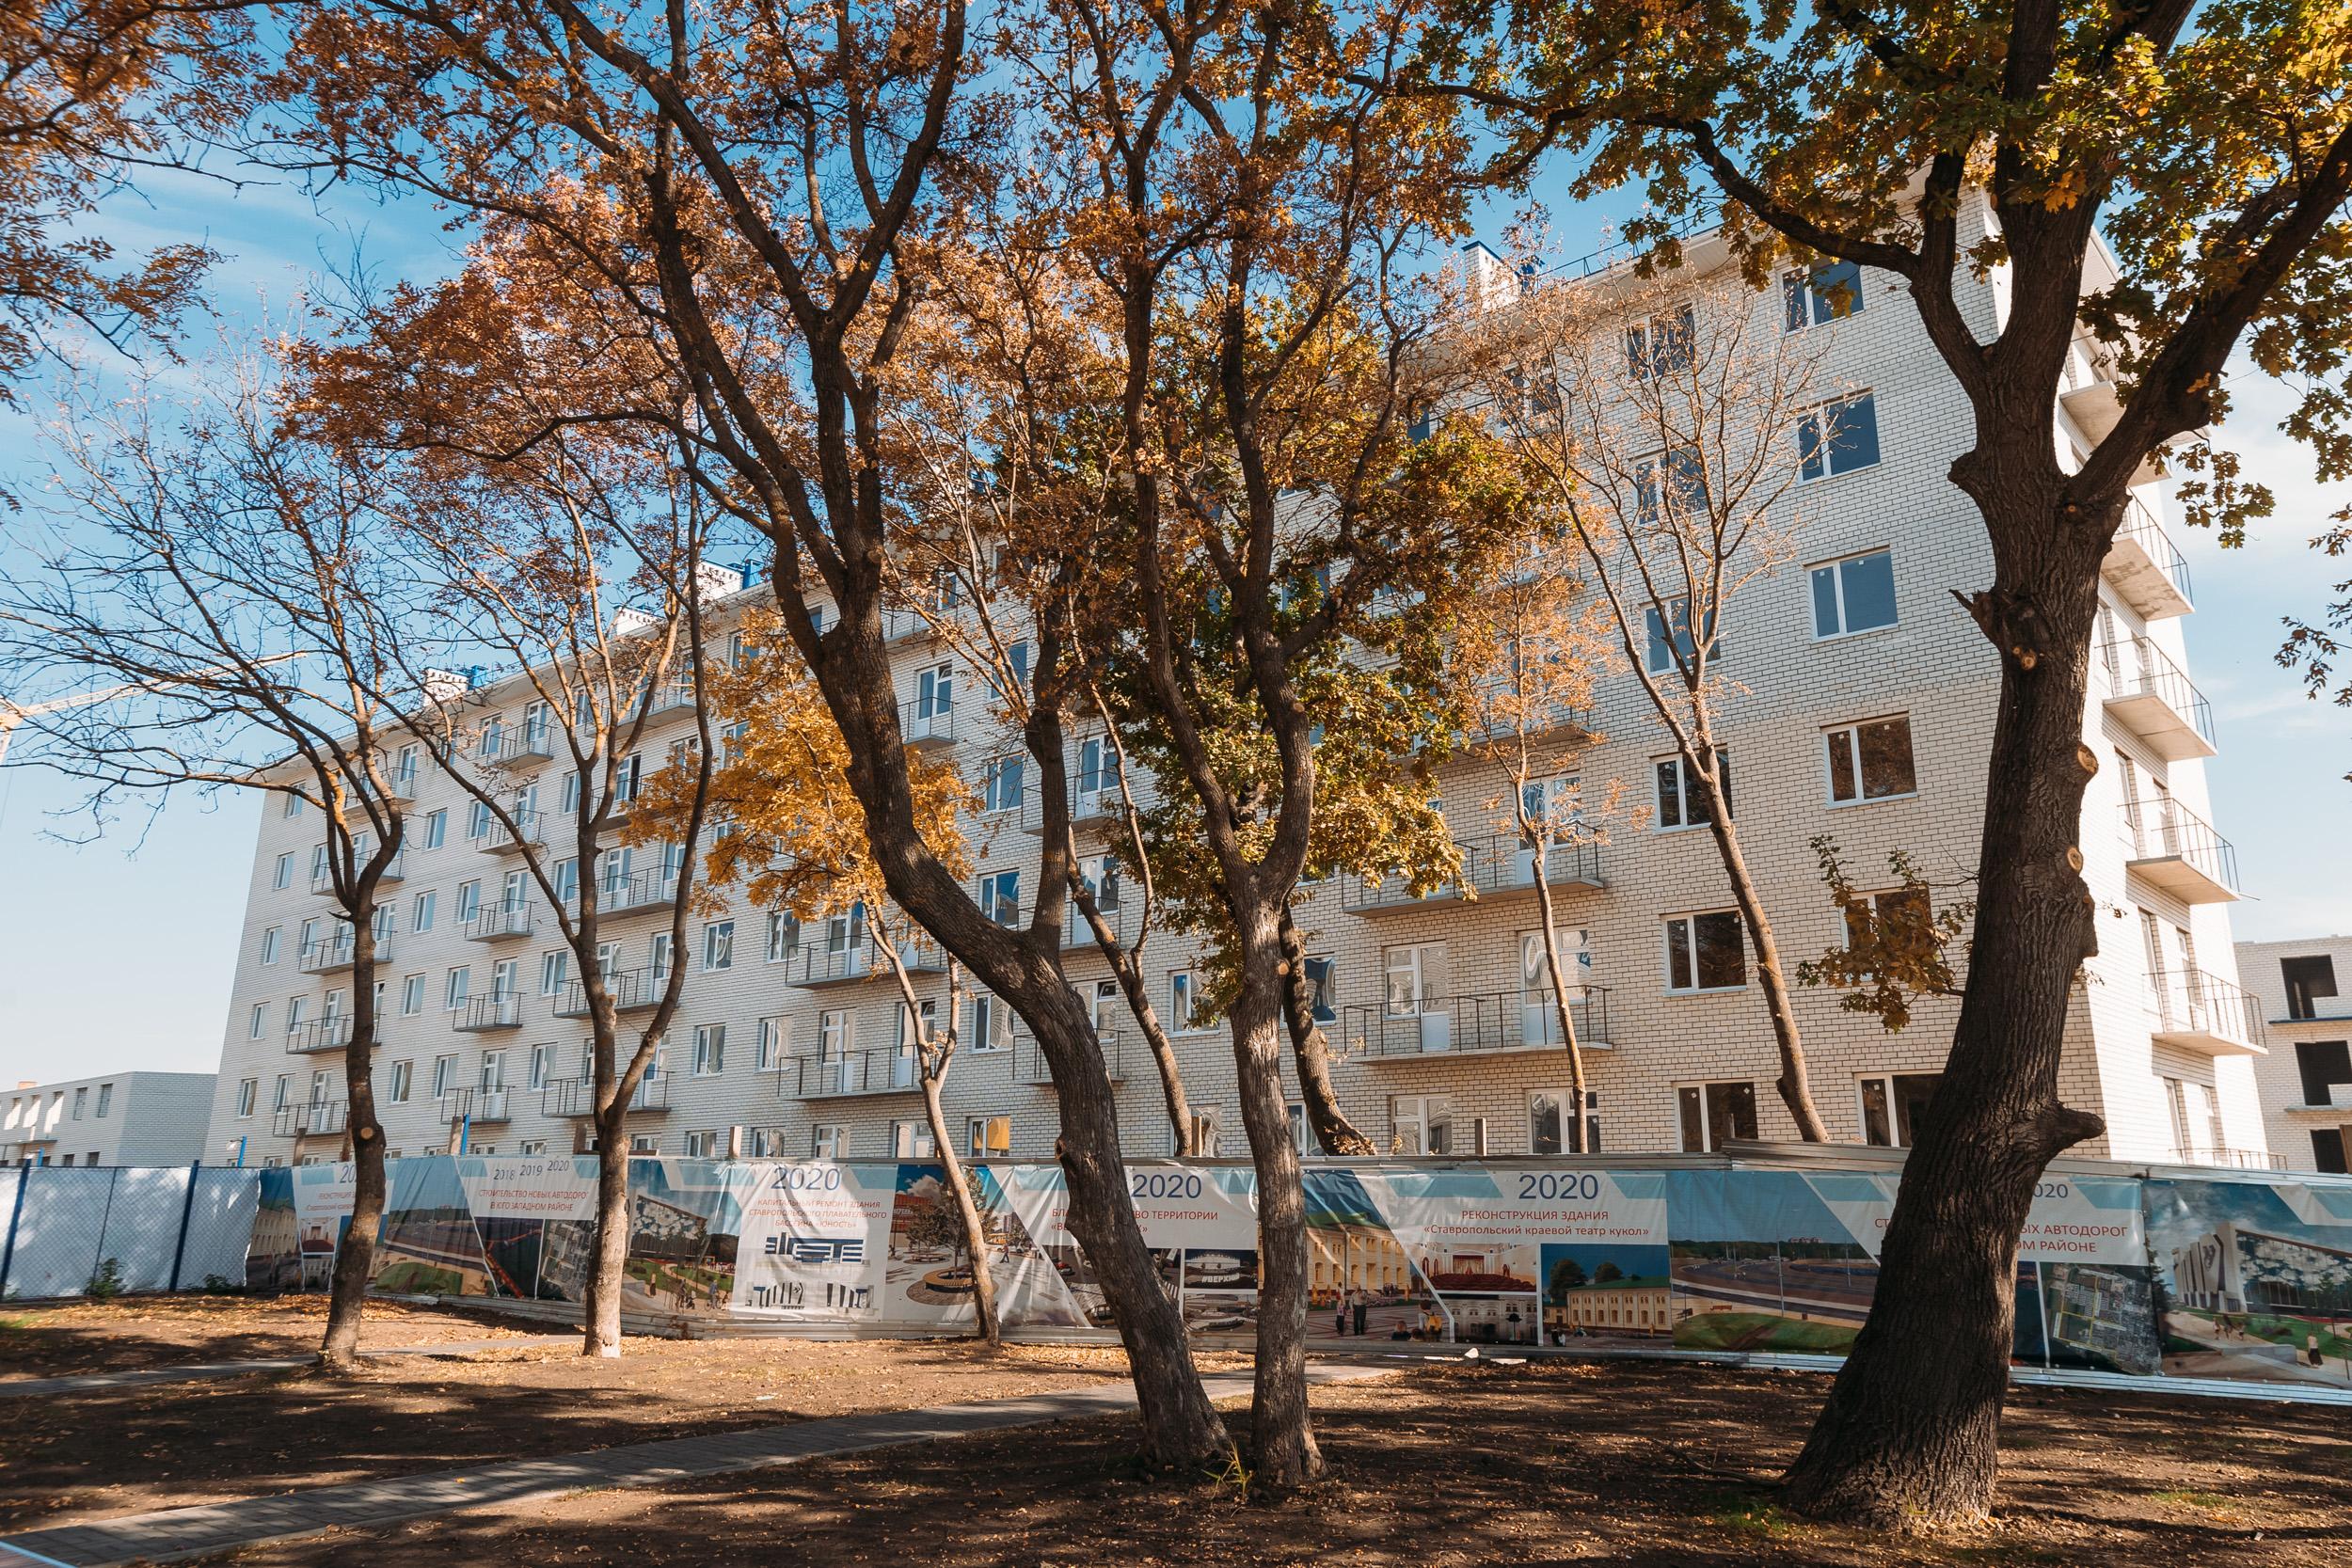 1к квартира 39,6м, ЖК Родники, ул. Пригородная, 251а